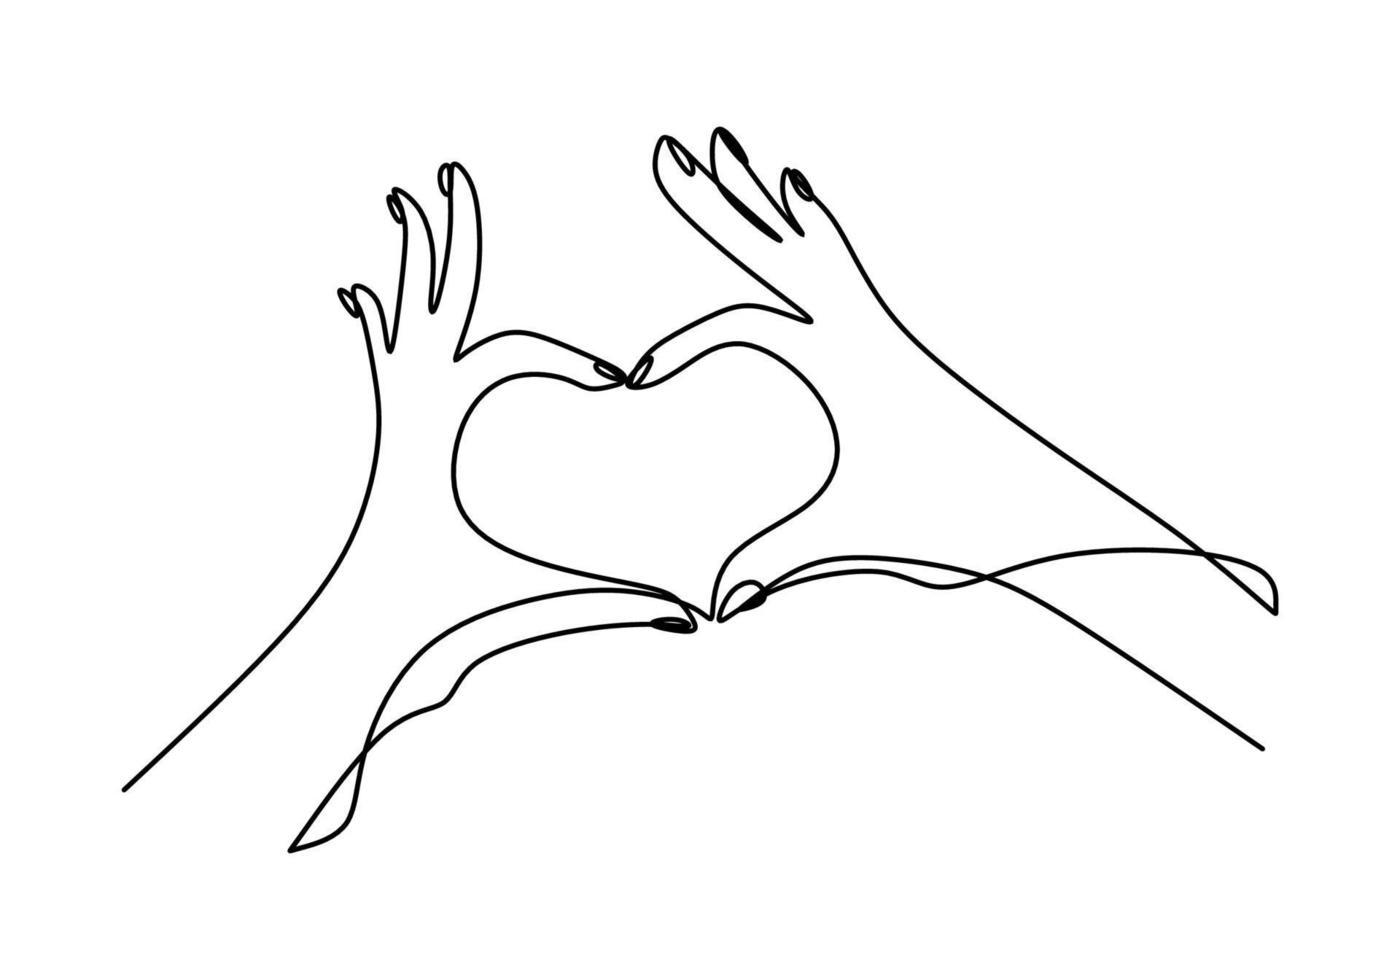 un dessin au trait continu de mains montrant un signe d'amour. main de femme donnant le symbole de l'amour avec la tenue de sa conception de minimalisme petit doigt isolé sur fond blanc. illustration vectorielle vecteur